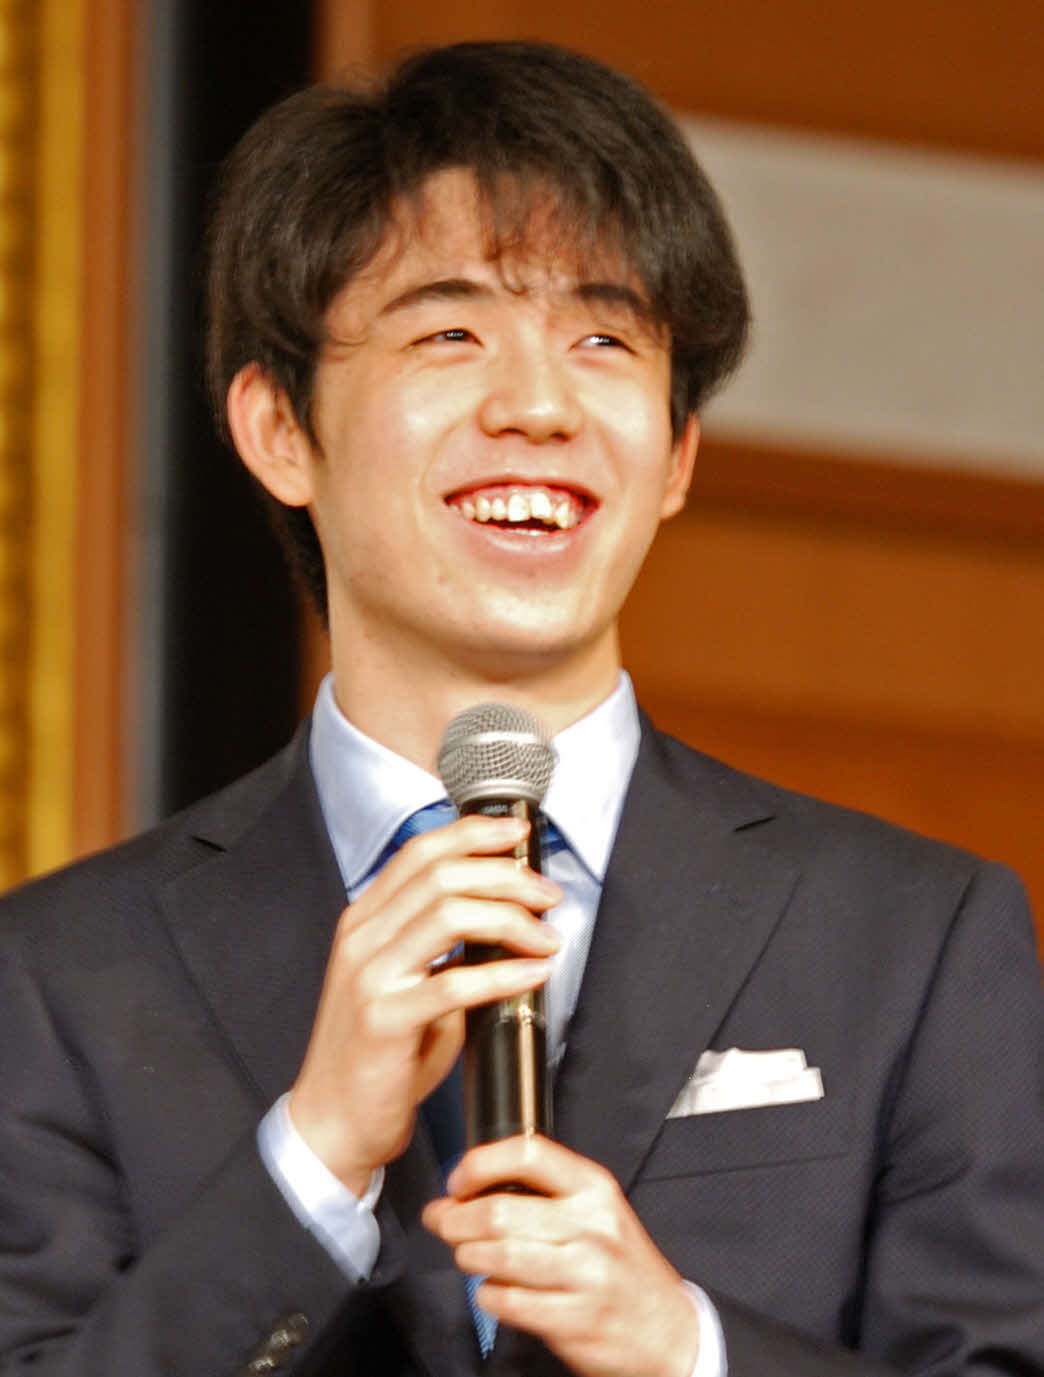 藤井聡太七段(2019年12月8日撮影)